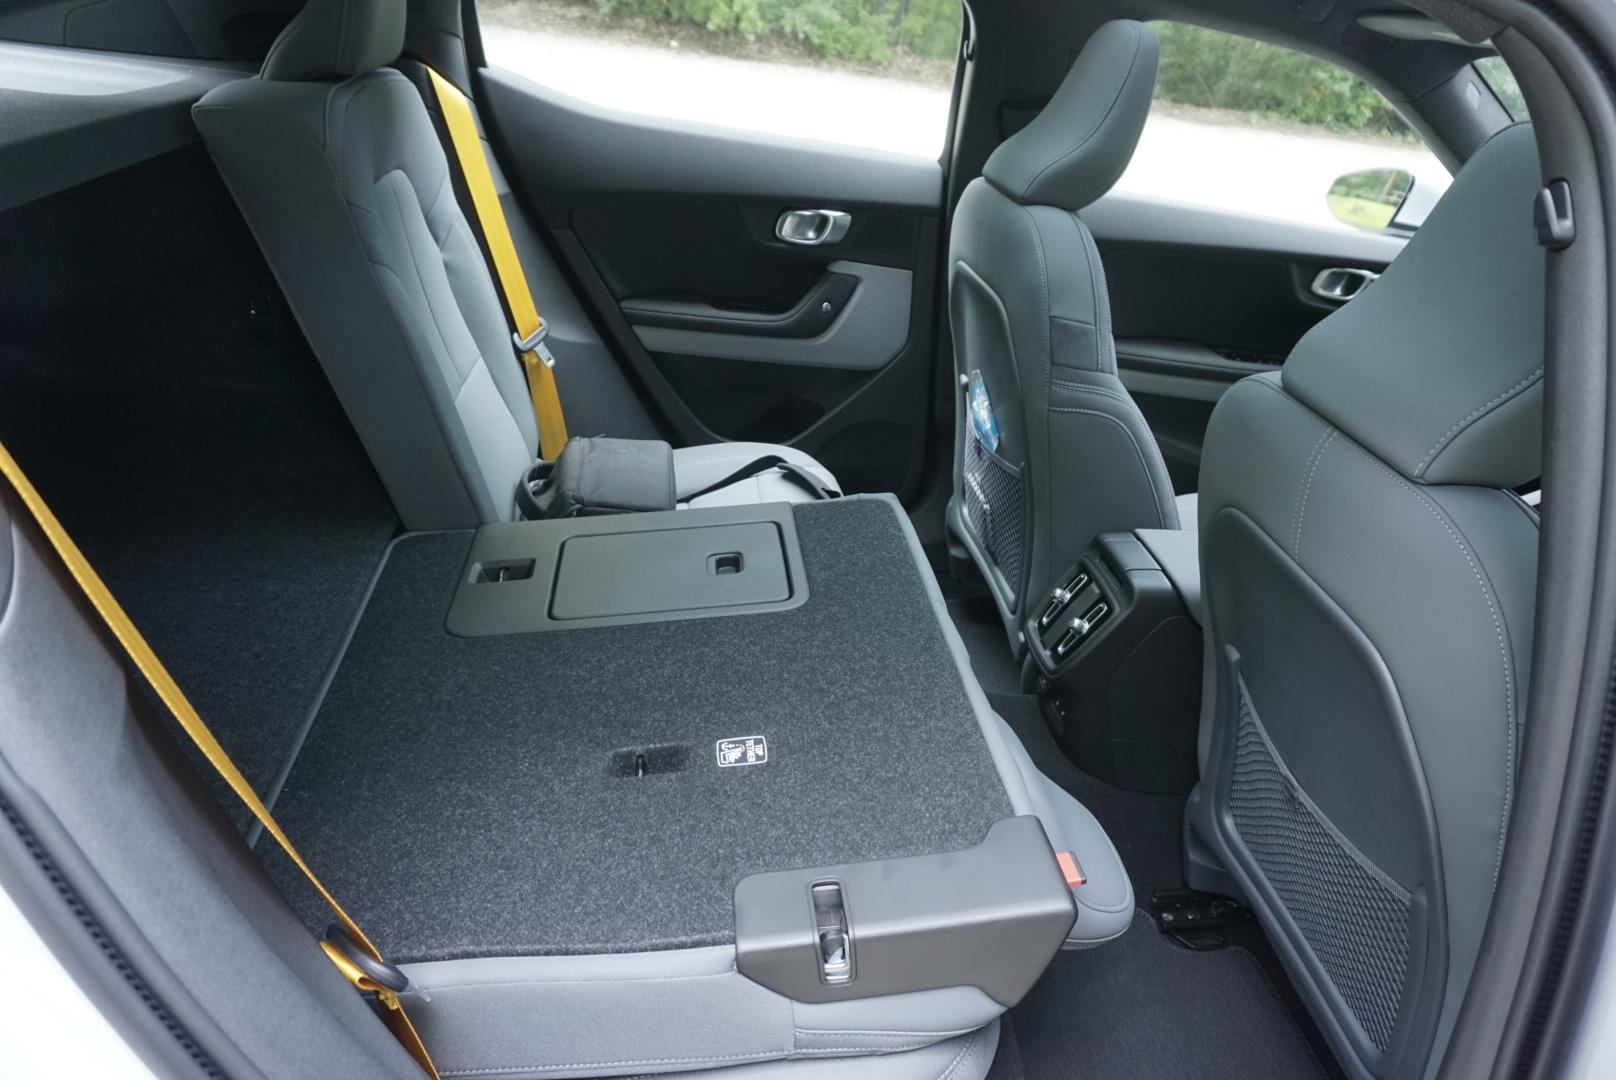 Polestar 2 interior rear seat folded